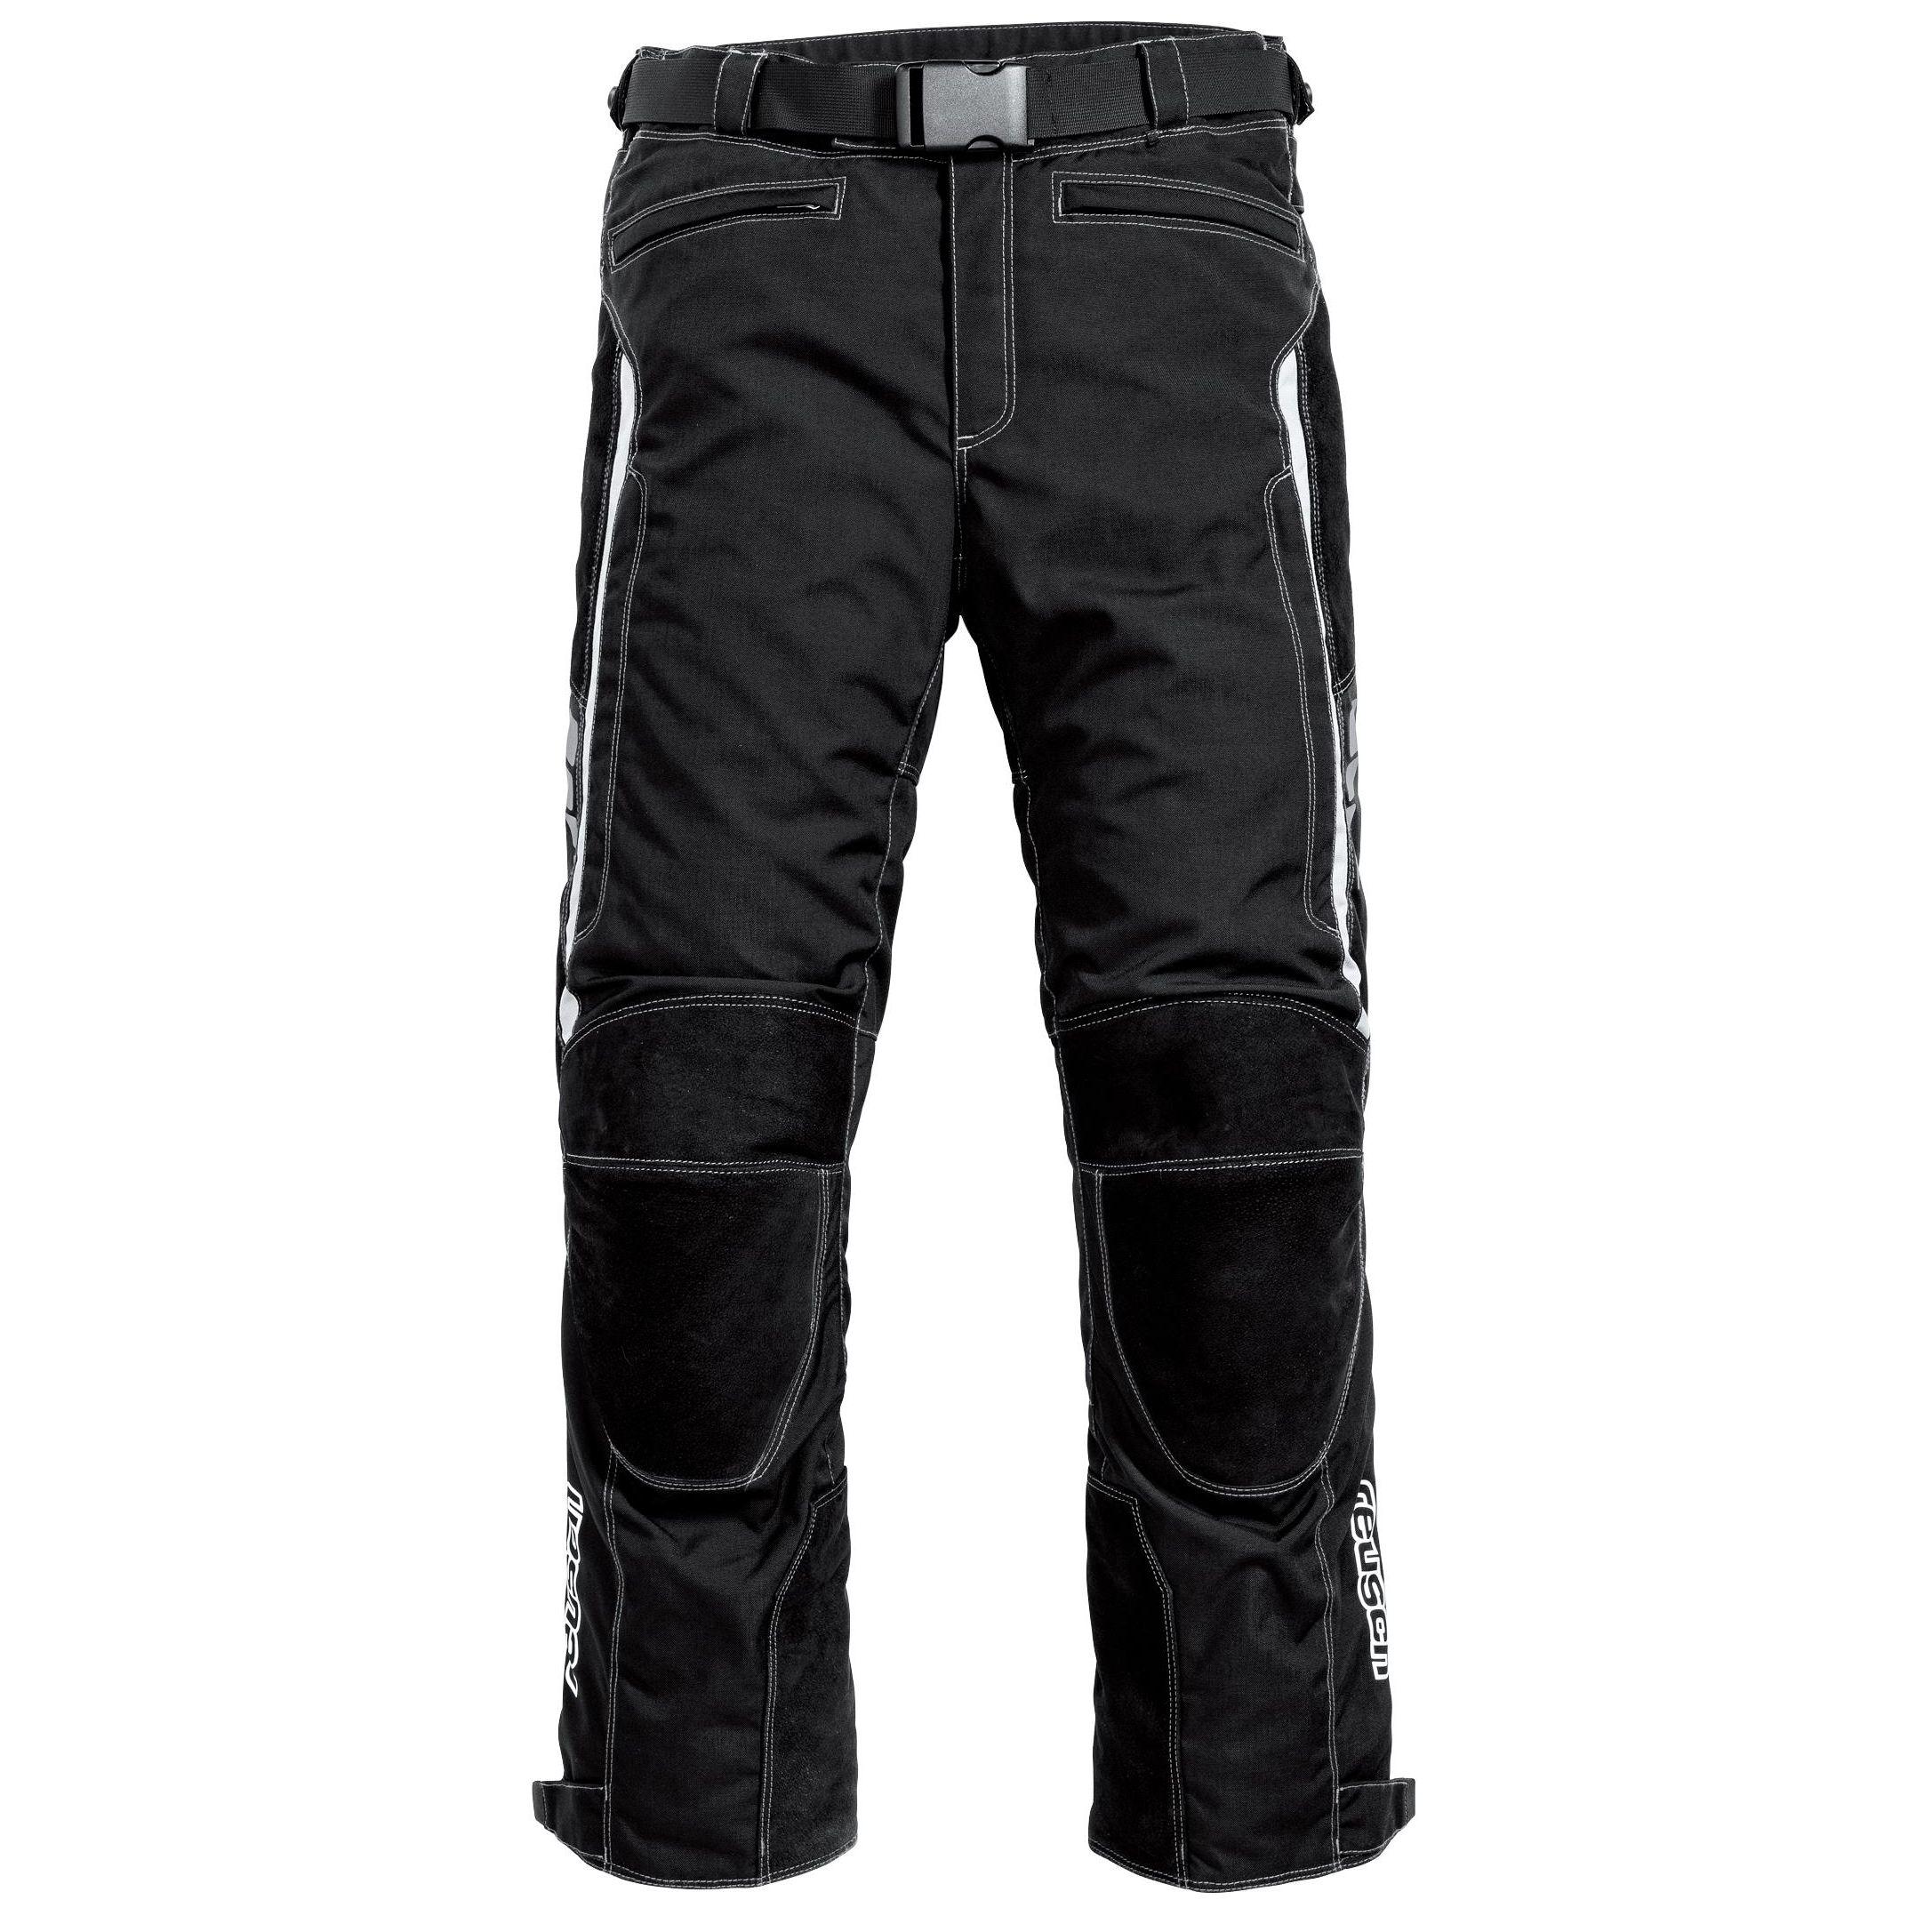 Pantalon Reusch Touring 1.0